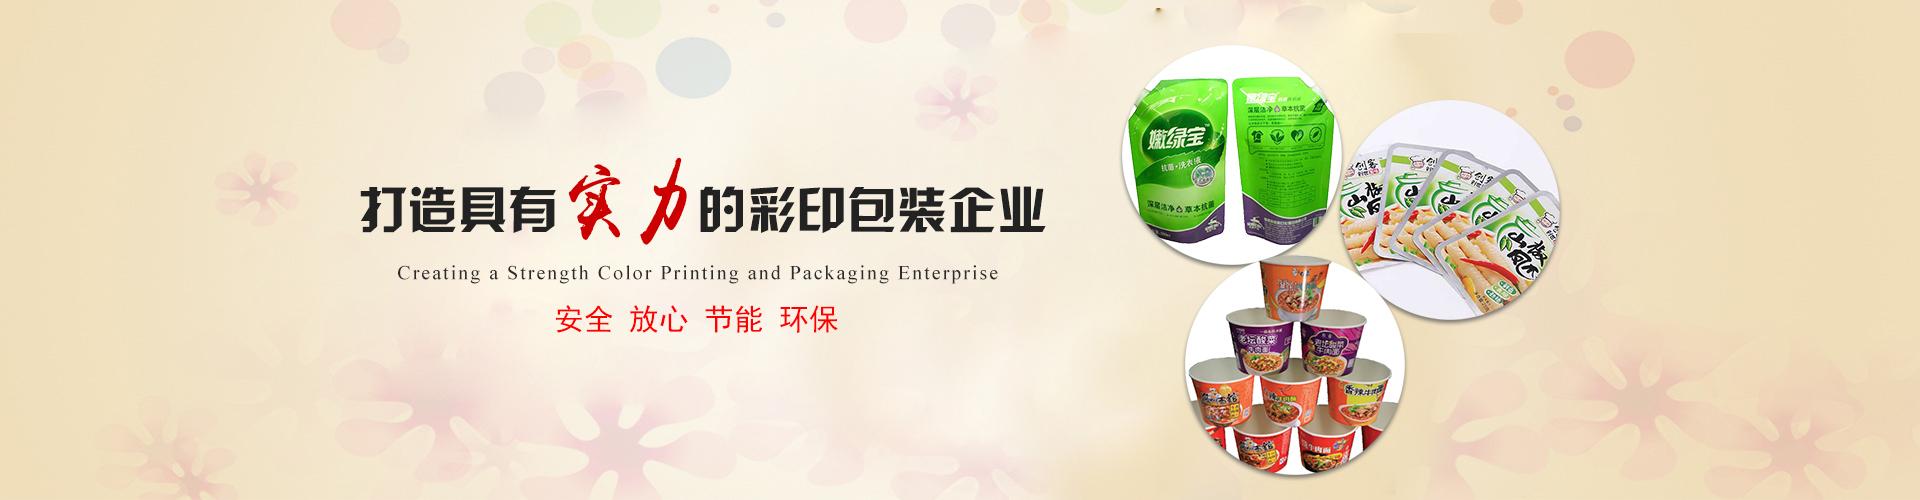 打造具有实力的安徽阜阳彩印包装厂